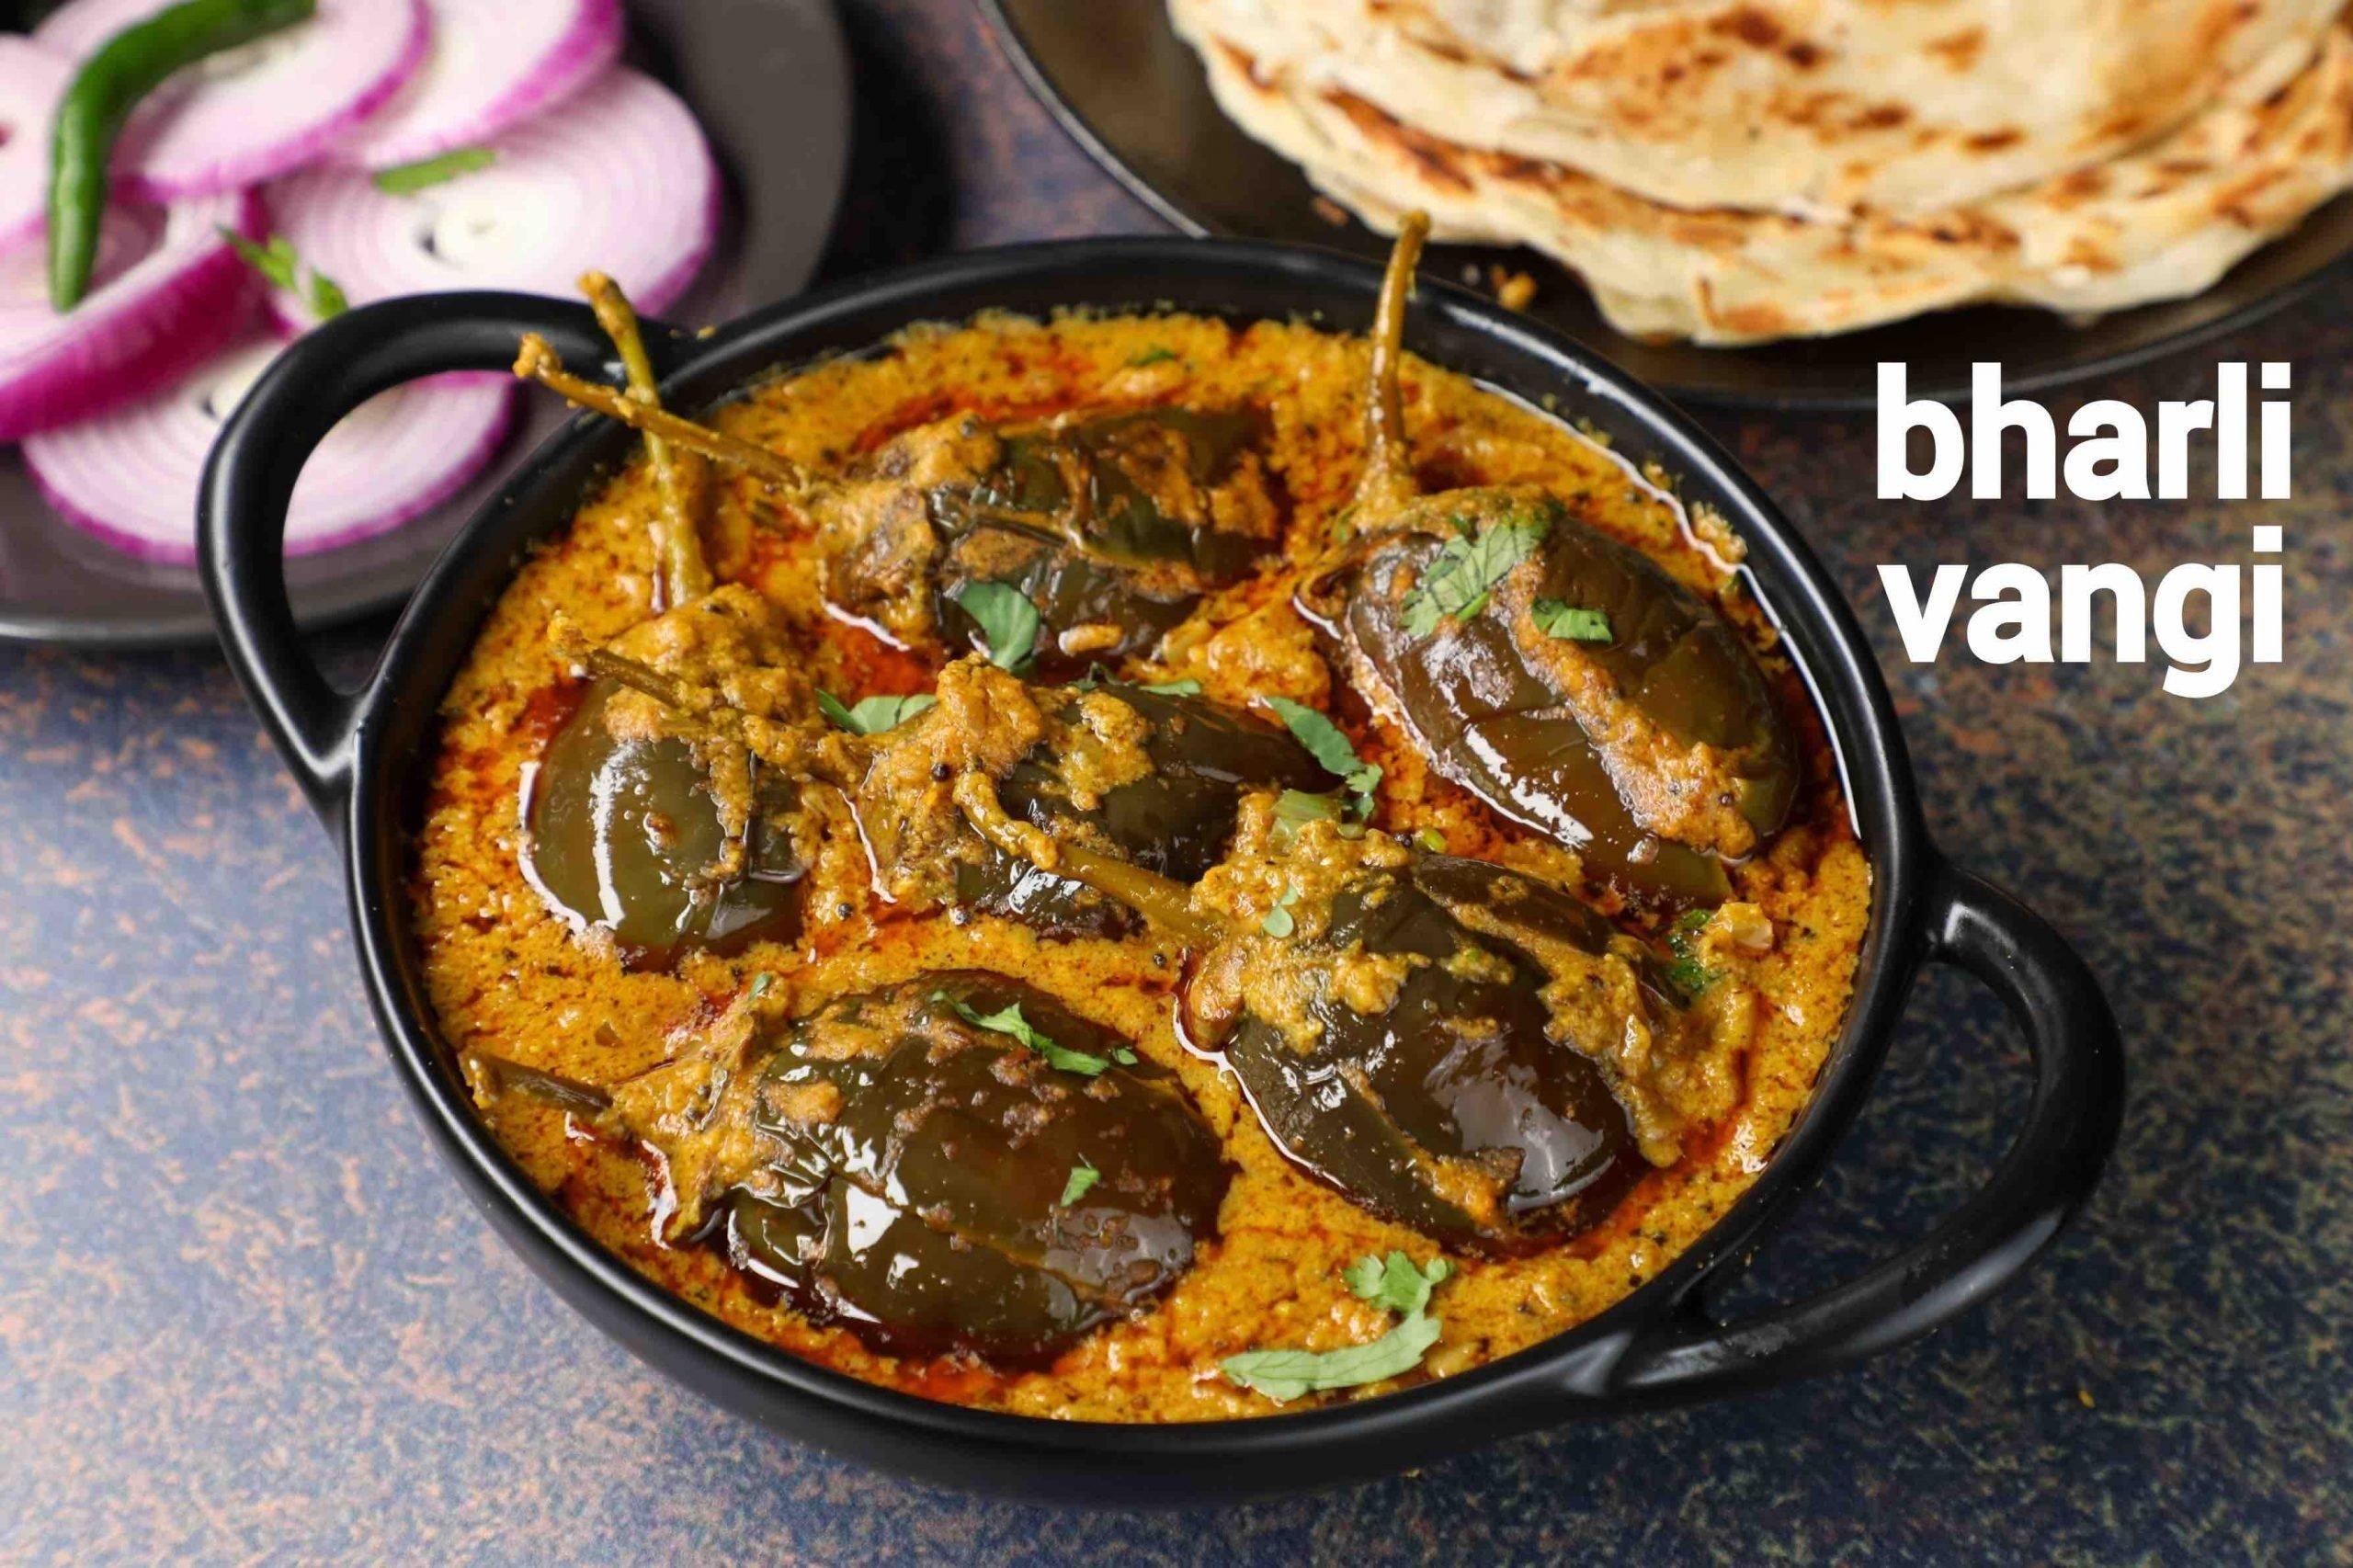 bharli vangi recipe   masala vangi   bharli vangi bhaji   stuffed vangi curry